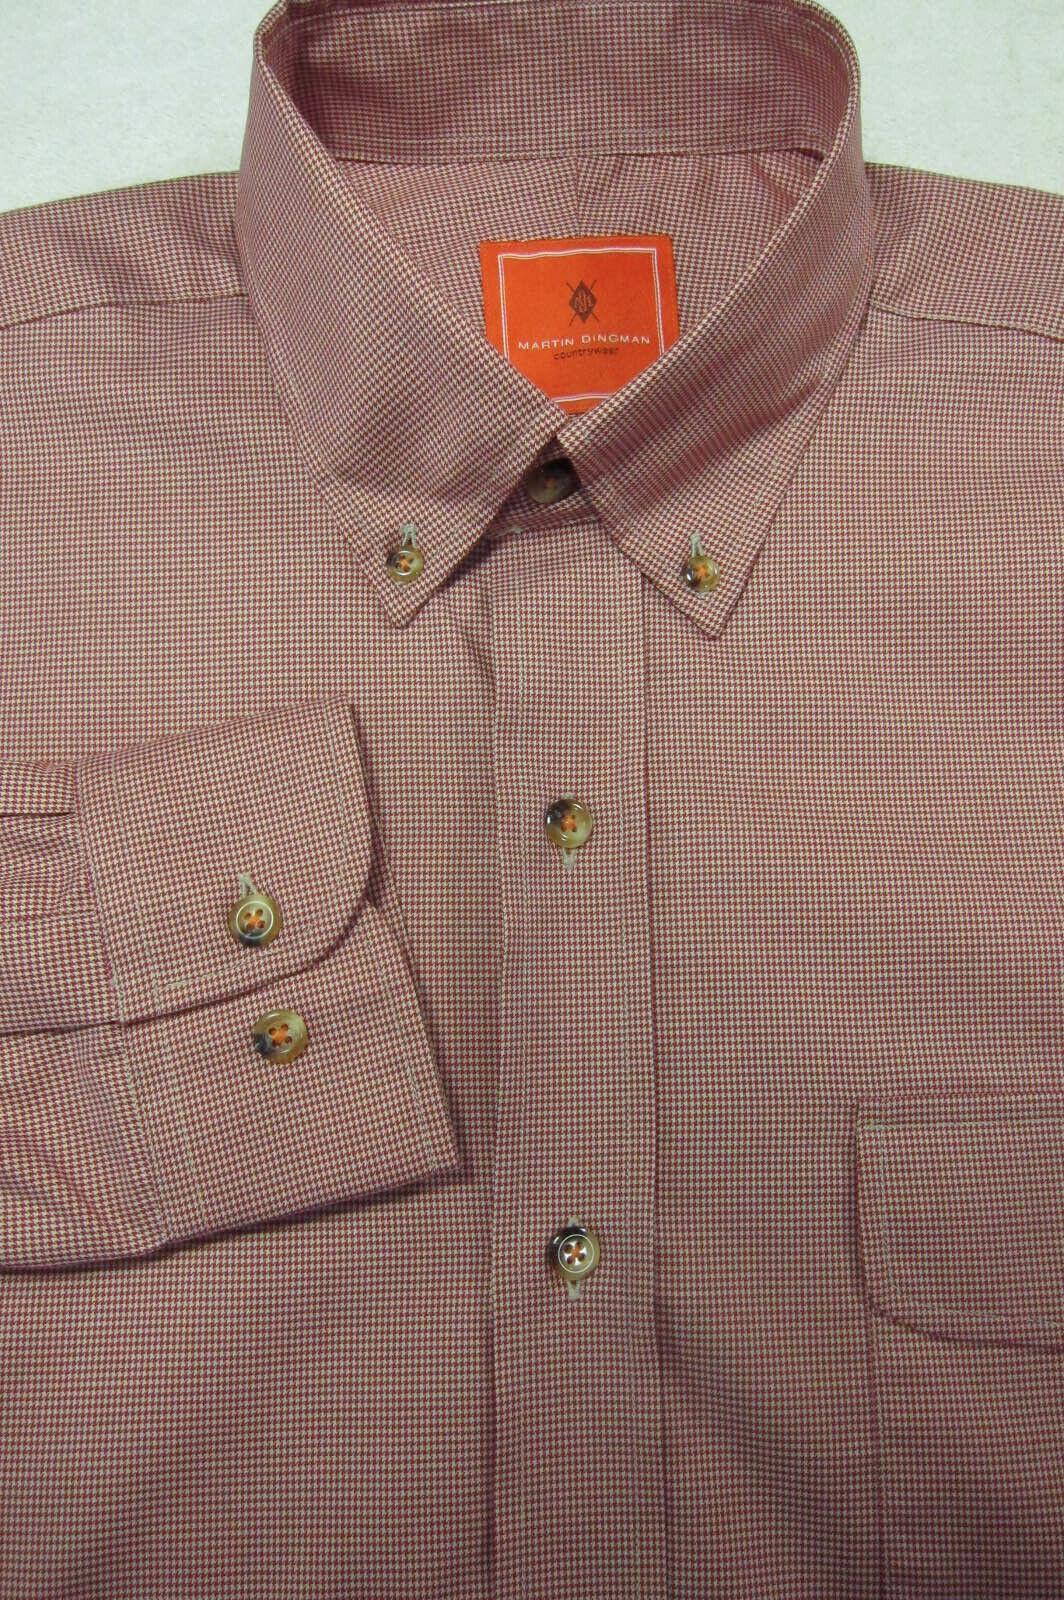 Nuevo Martin Dingman Rojo Diseño & 039;Pata de Gallo&  039; con Botón Camisa L 16.5x35  comprar marca